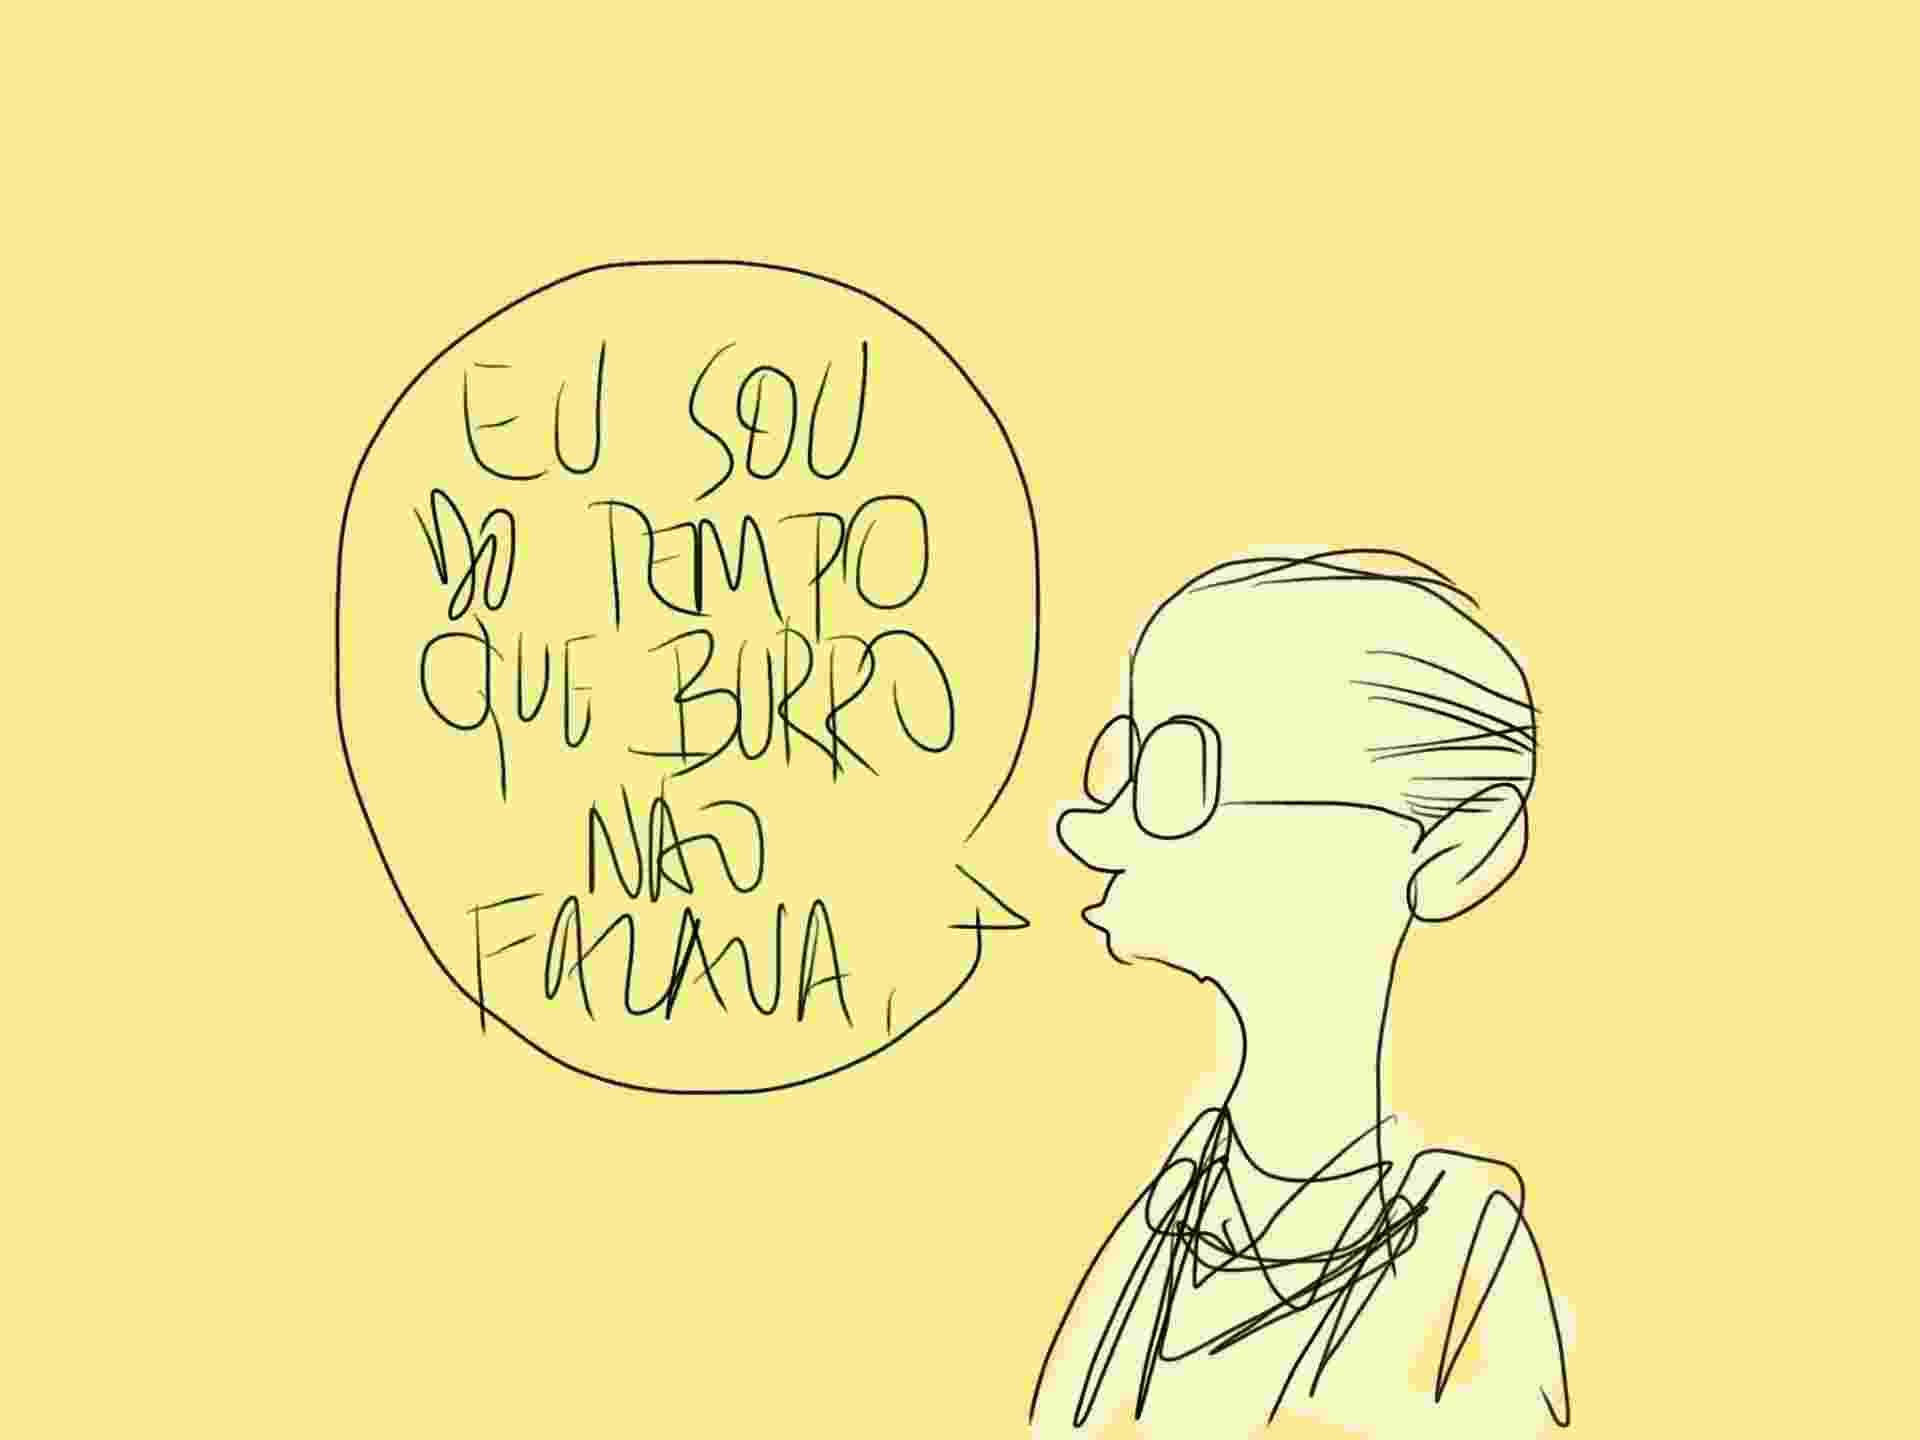 """1.ago.2014 - Amigo de Millôr Fernandes, o caricaturista Cassio Loredano foi um dos convidados da mesa que lembrou o """"guru do Méier"""". """"Eu sou do tempo que burro não falava"""", disse - Orlando"""